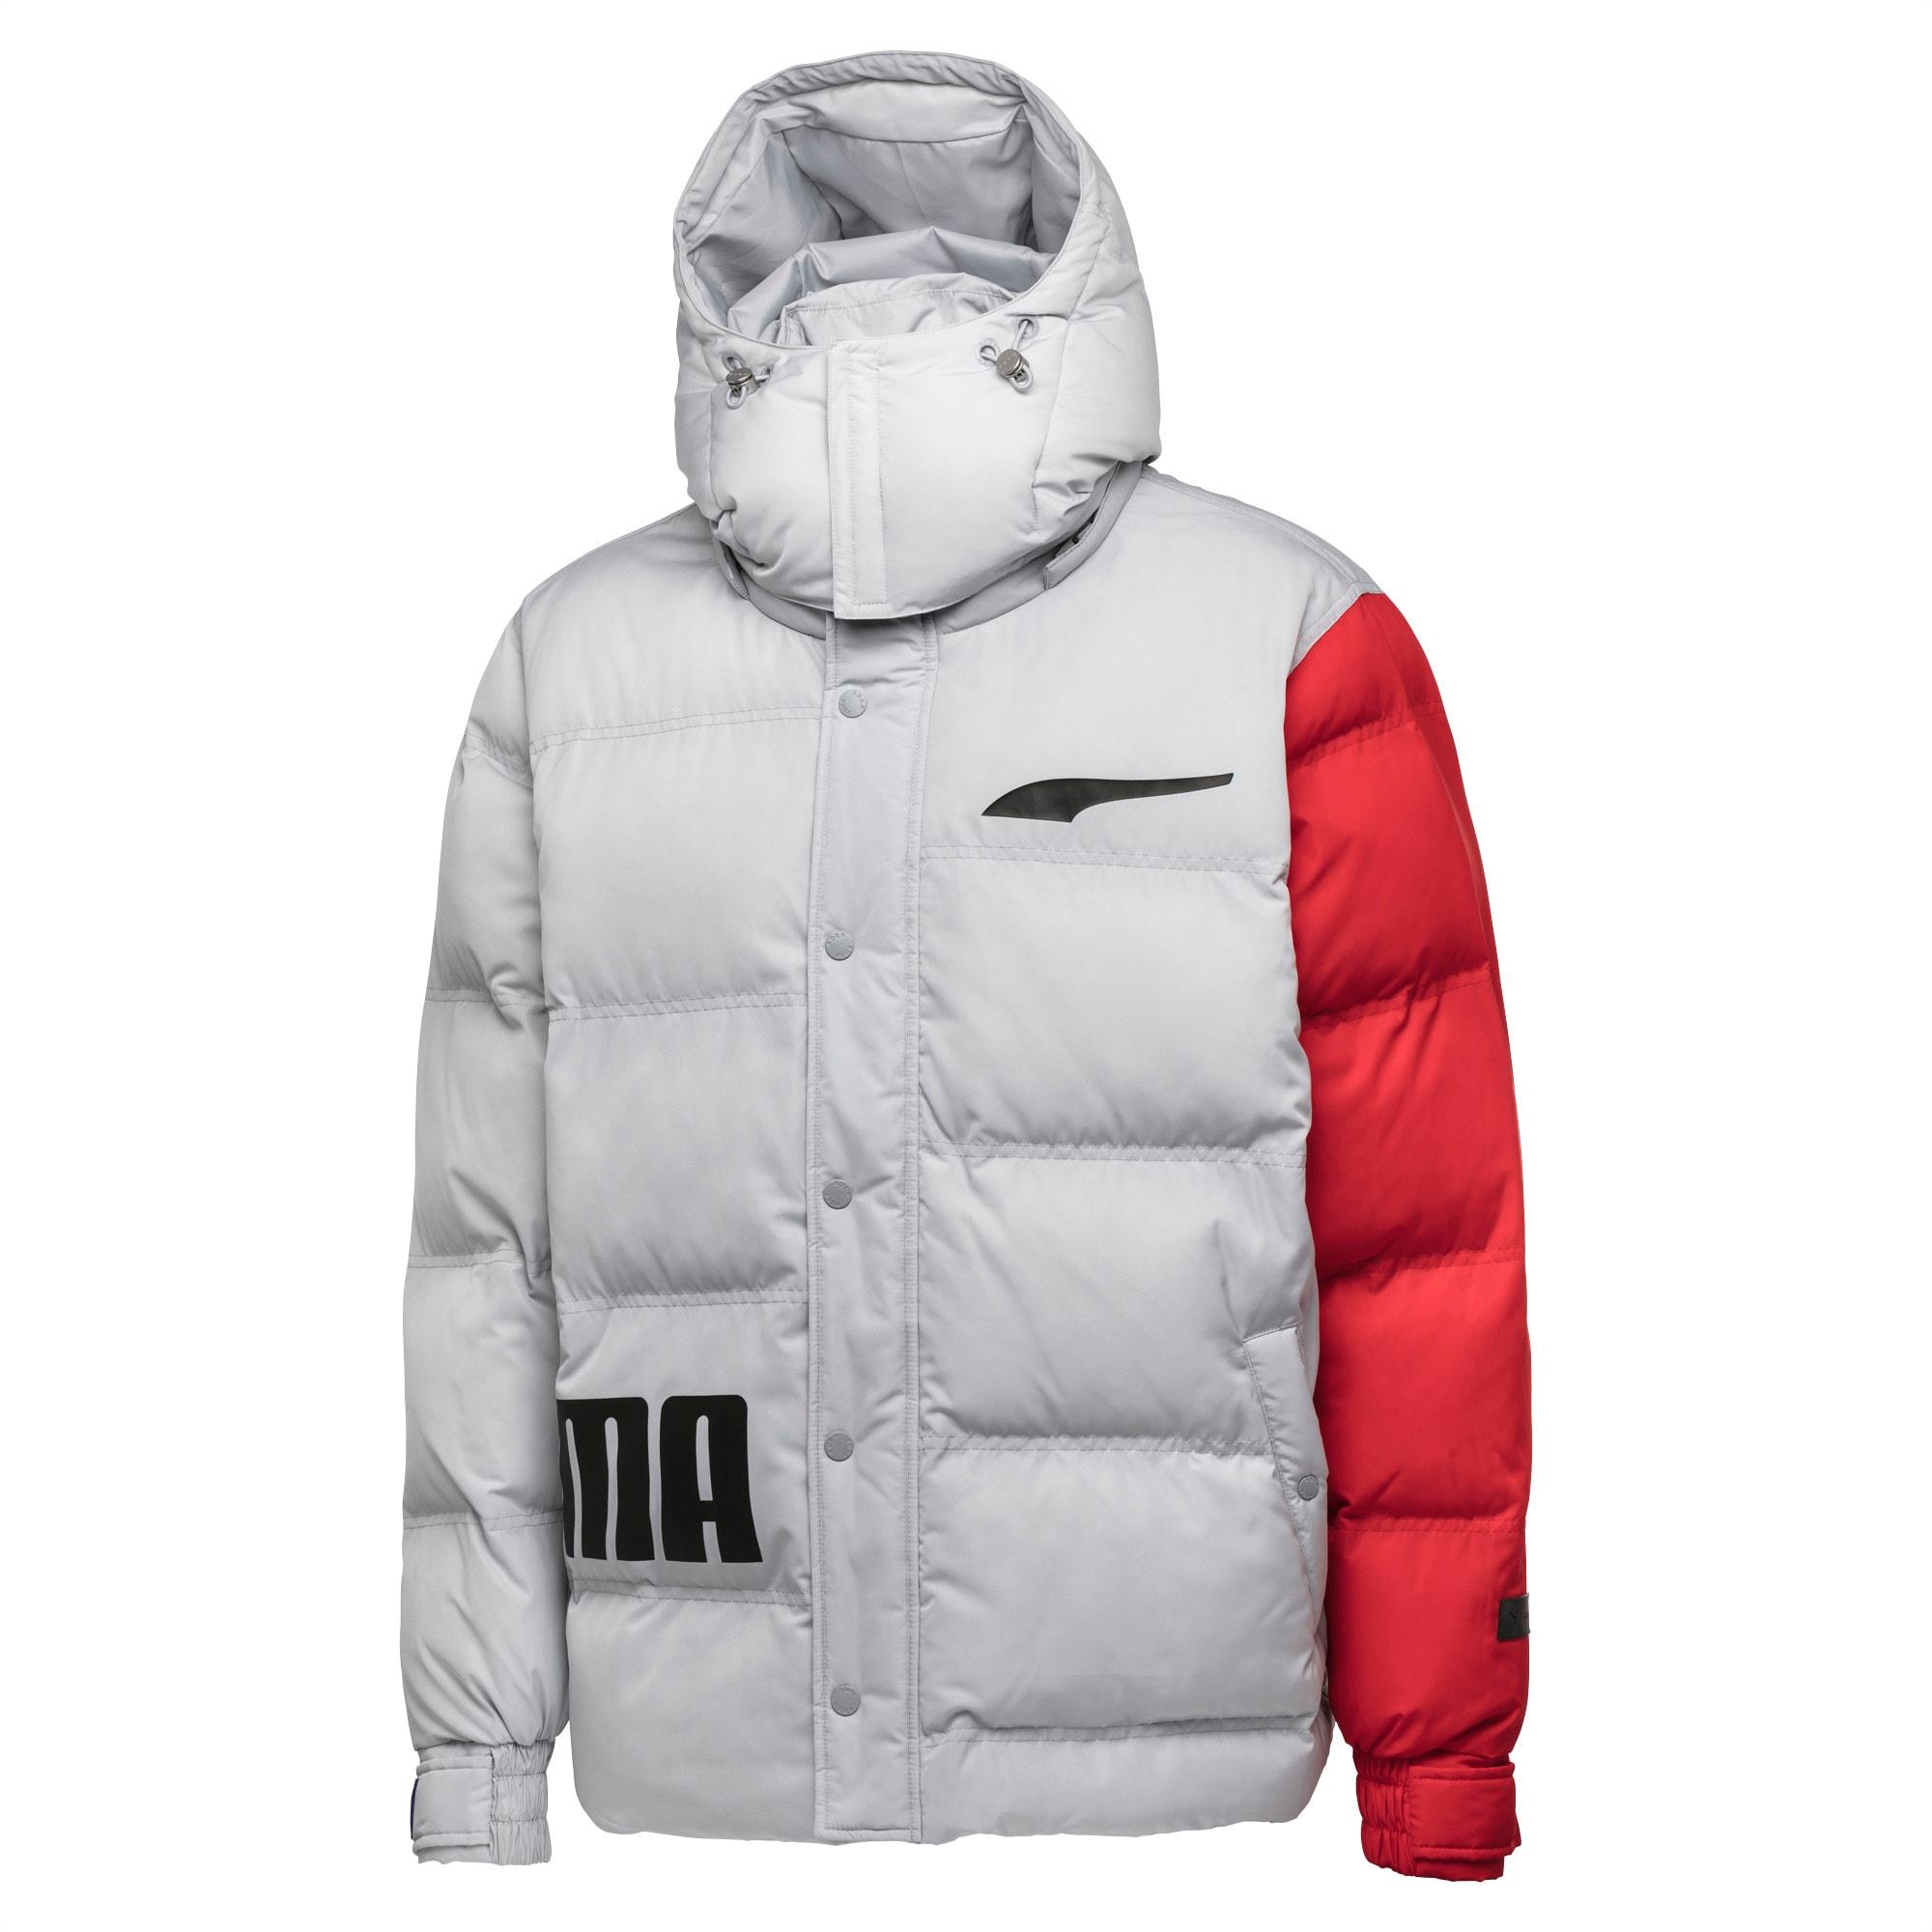 puma bubble jacket Shop Clothing & Shoes Online